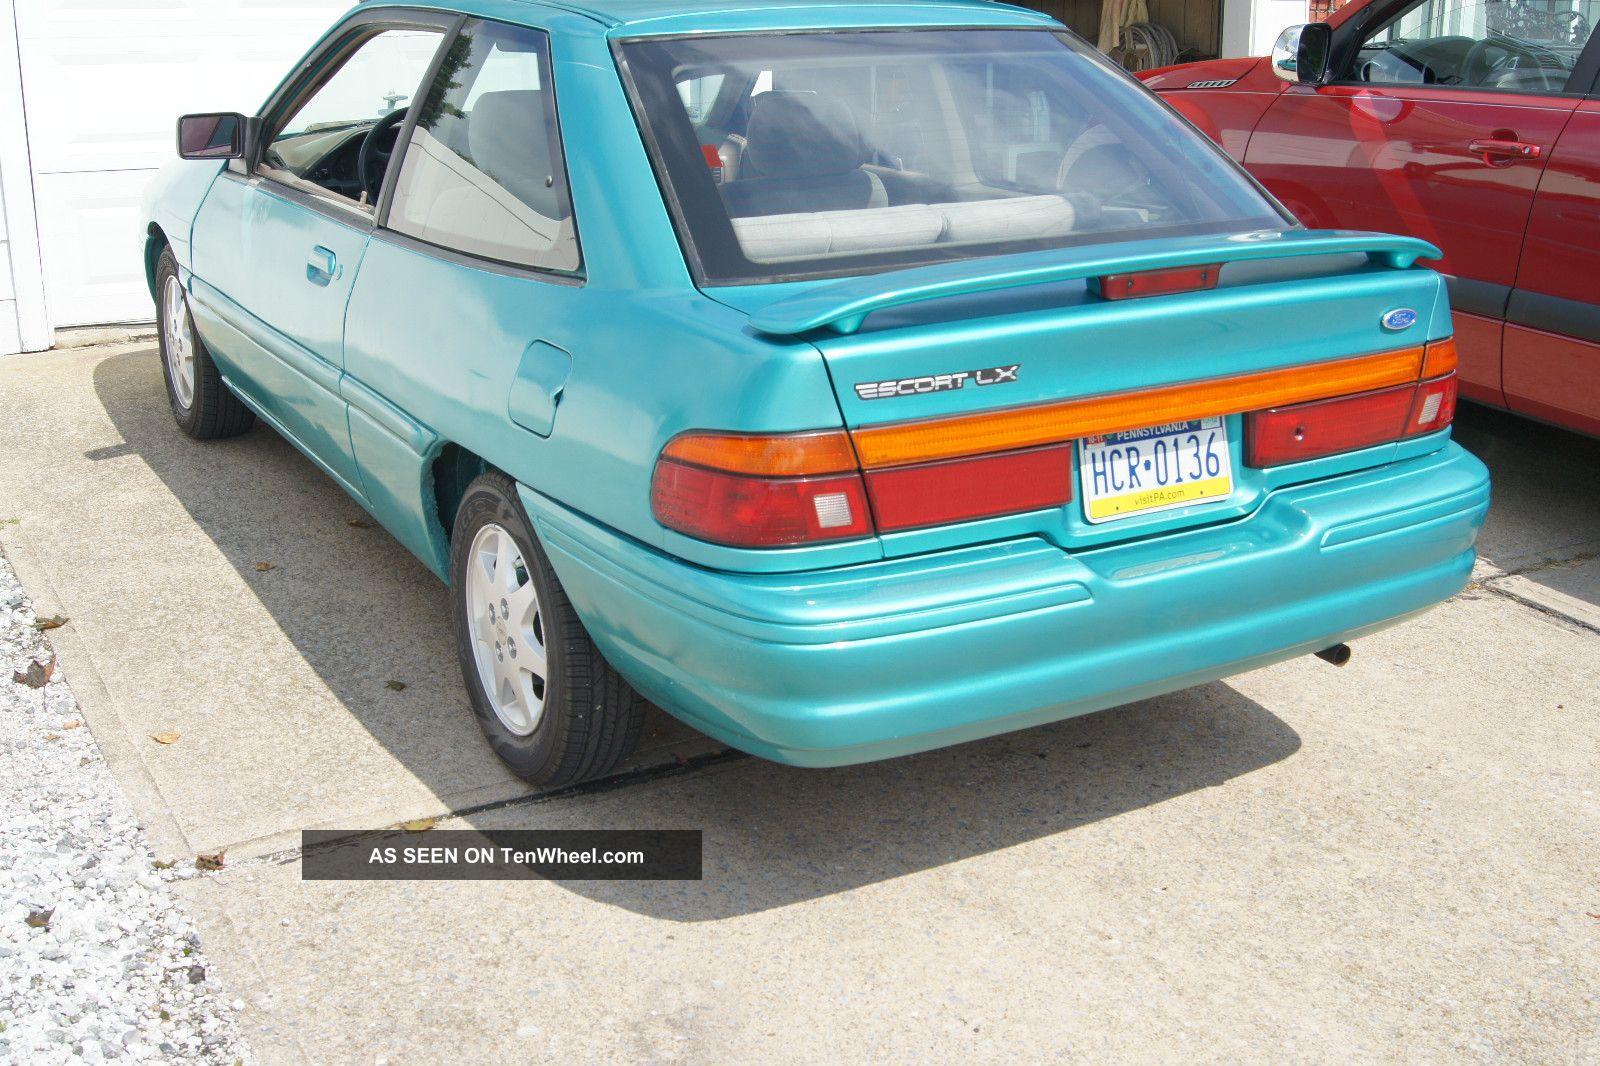 двухметровую форд эскорт хэтчбек 1995 легко выдерживают